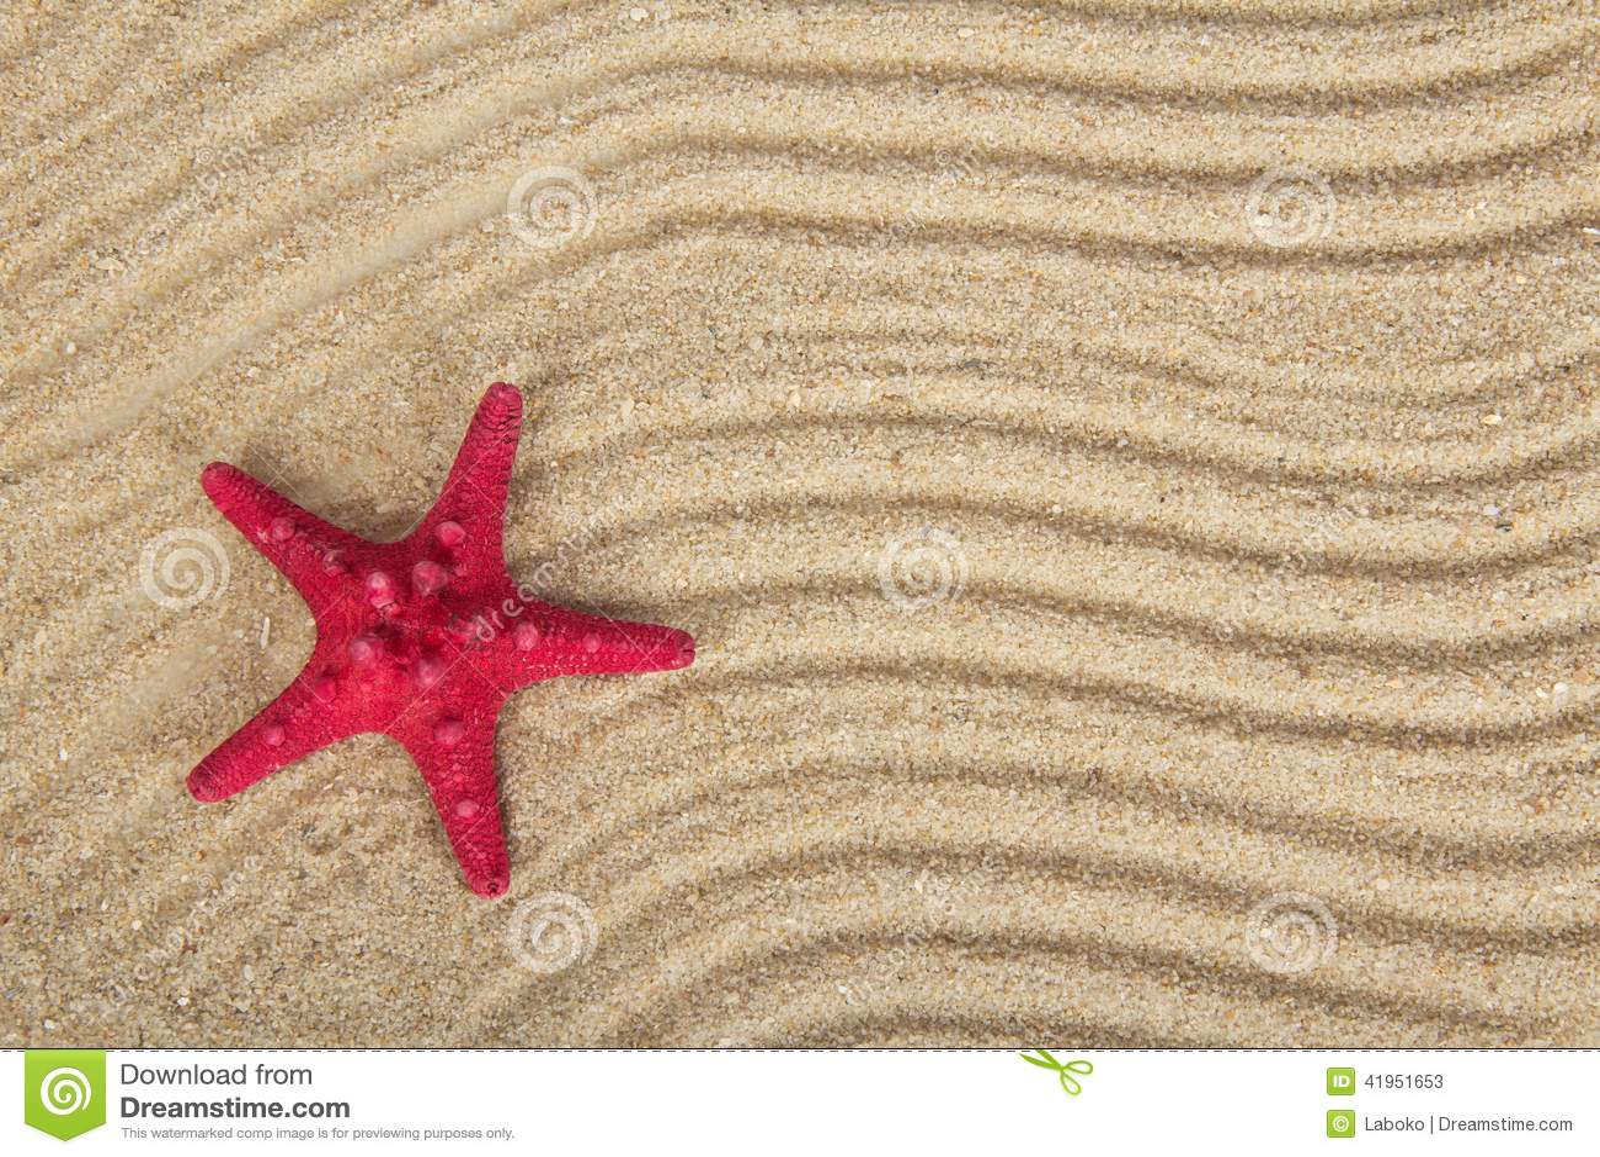 Błogie rozgwiazdy na piasku